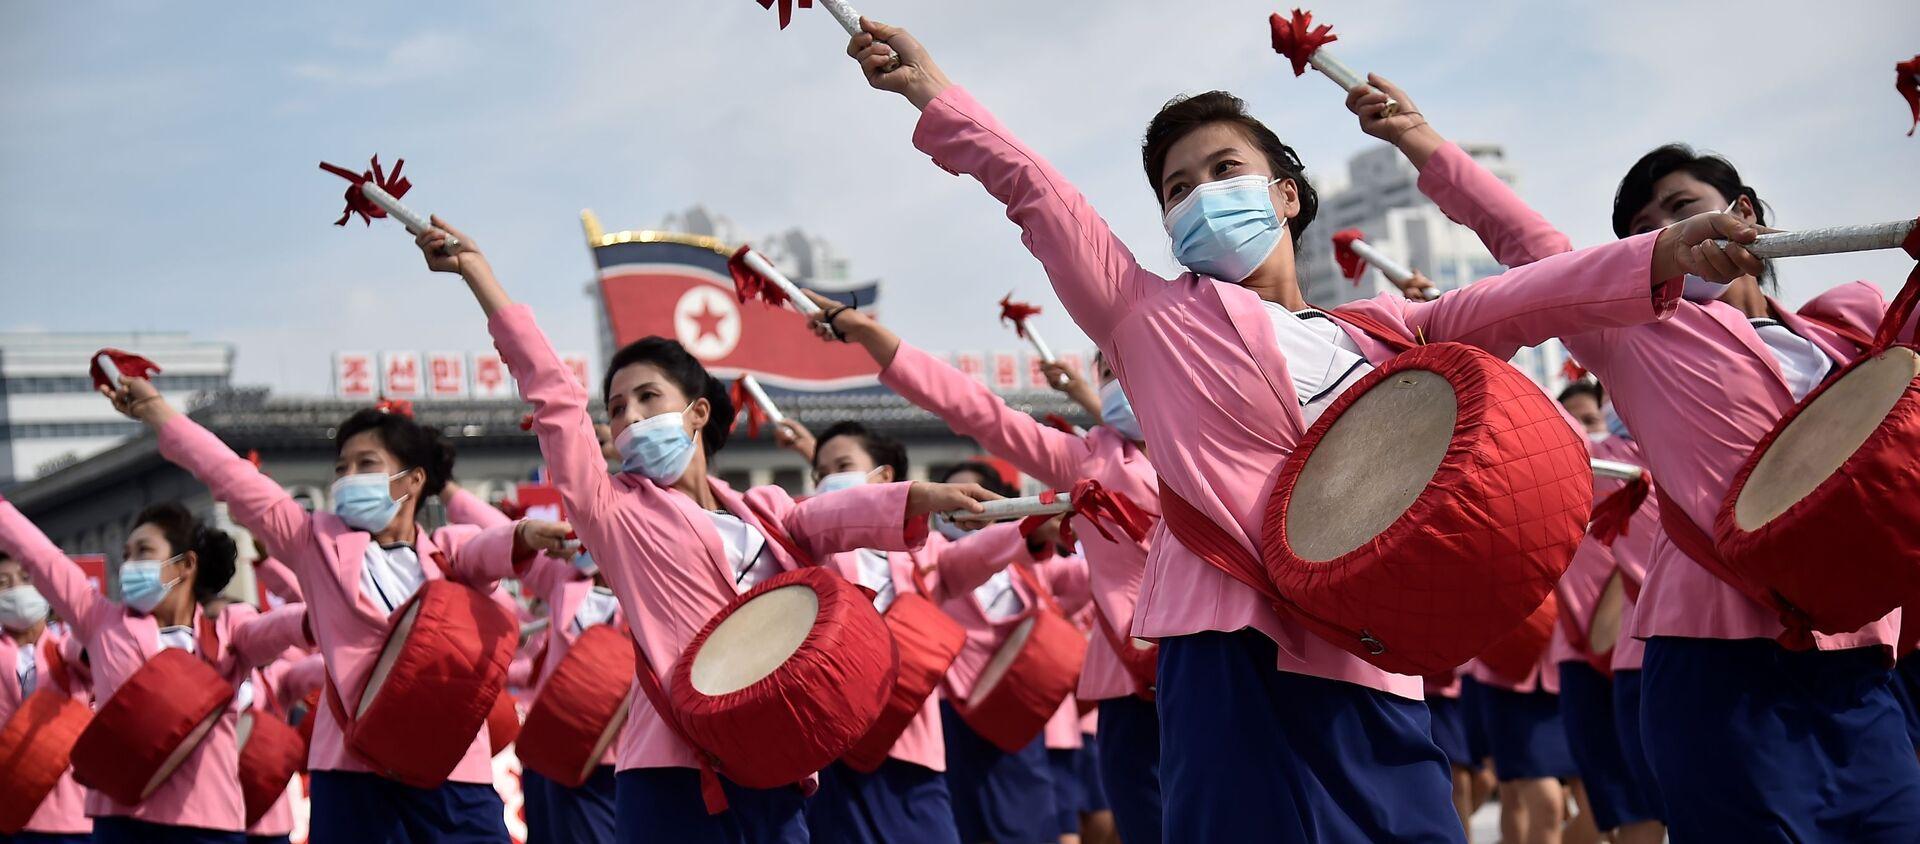 Migliaia di persone in mascherina partecipano alla manifestazione nella piazza Kim Il-sung a Pyongyang, dedicata all'inizio della campagna che durerà 80 giorni a sostegno del prossimo 8° Congresso del Partito dei Lavoratori della Corea Nord nel gennaio 2021 - Sputnik Italia, 1920, 14.10.2020